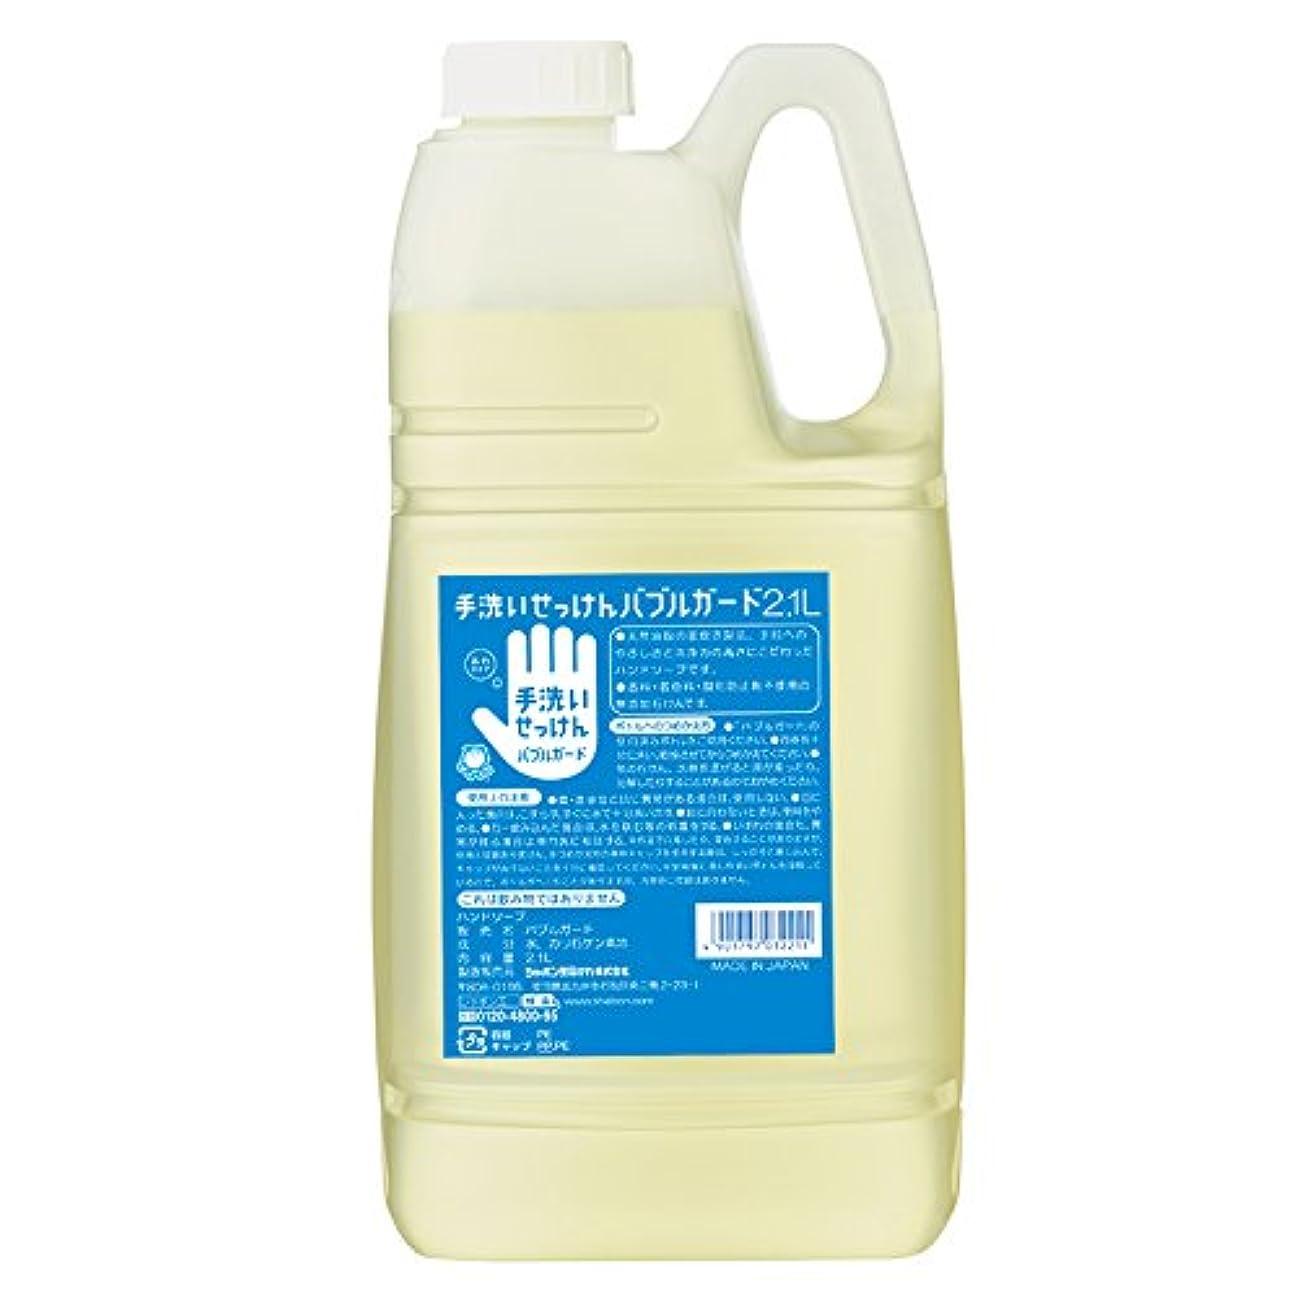 保存する情報すり減るシャボン玉石けん 手洗いせっけん?ハンドソープ バブルガード 2.1L